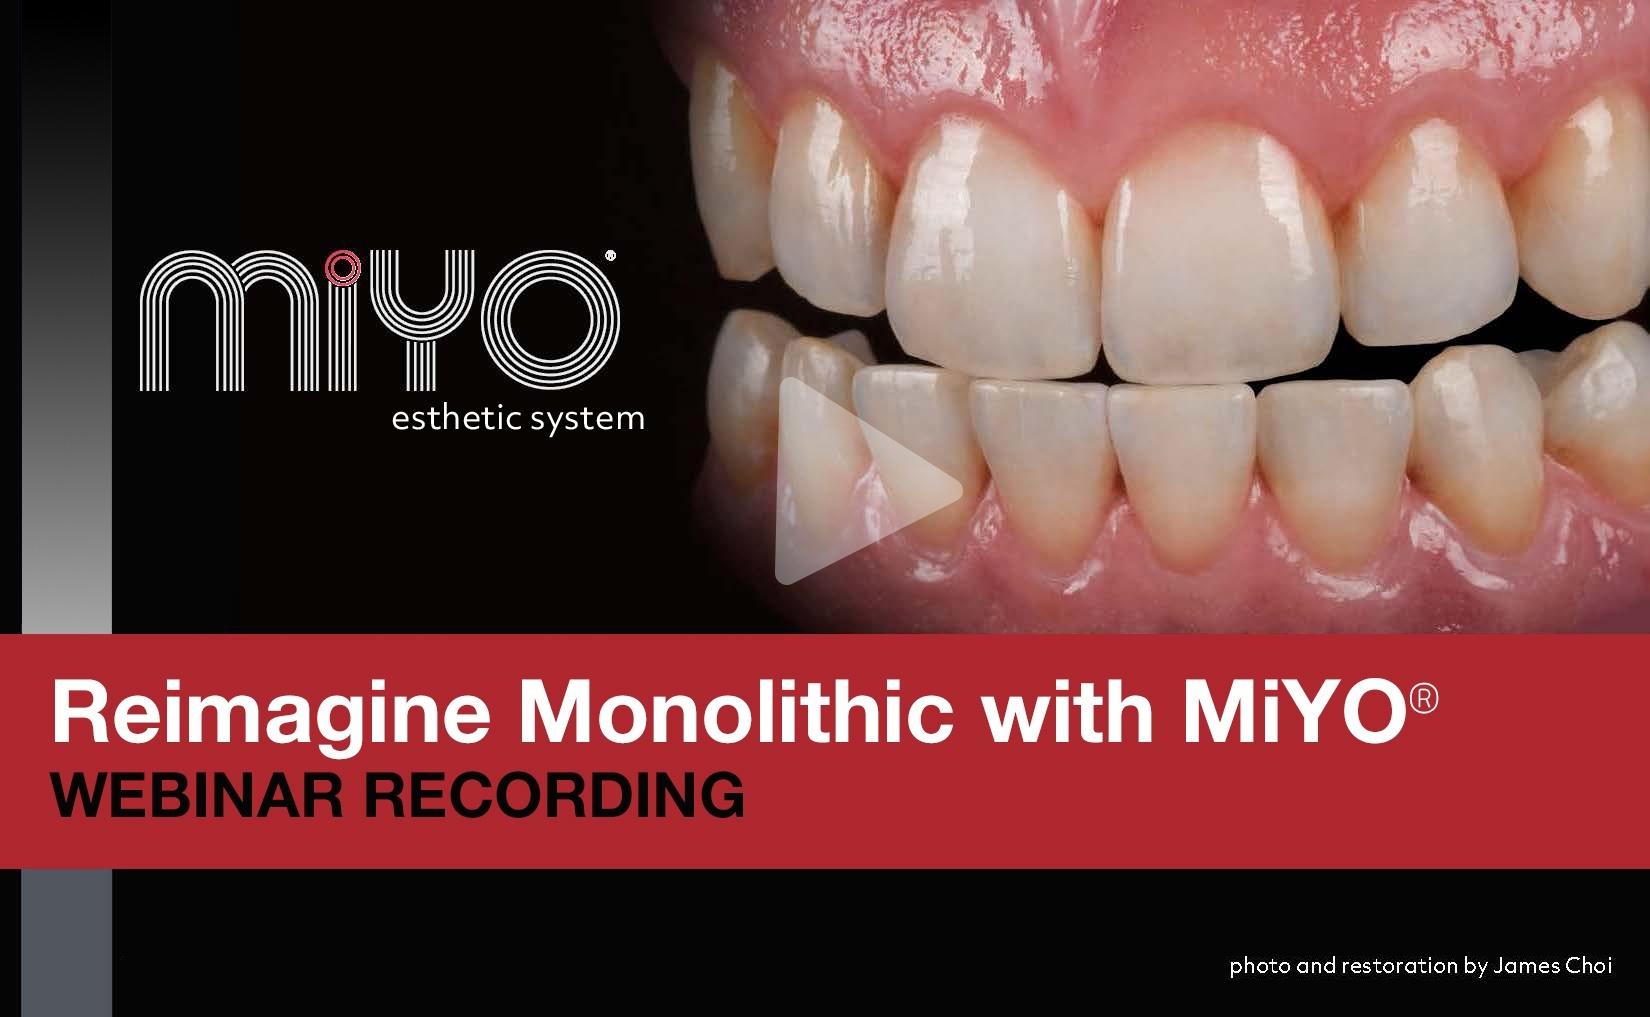 MiYO Liquid Ceramic - Bring your monolithic to life!